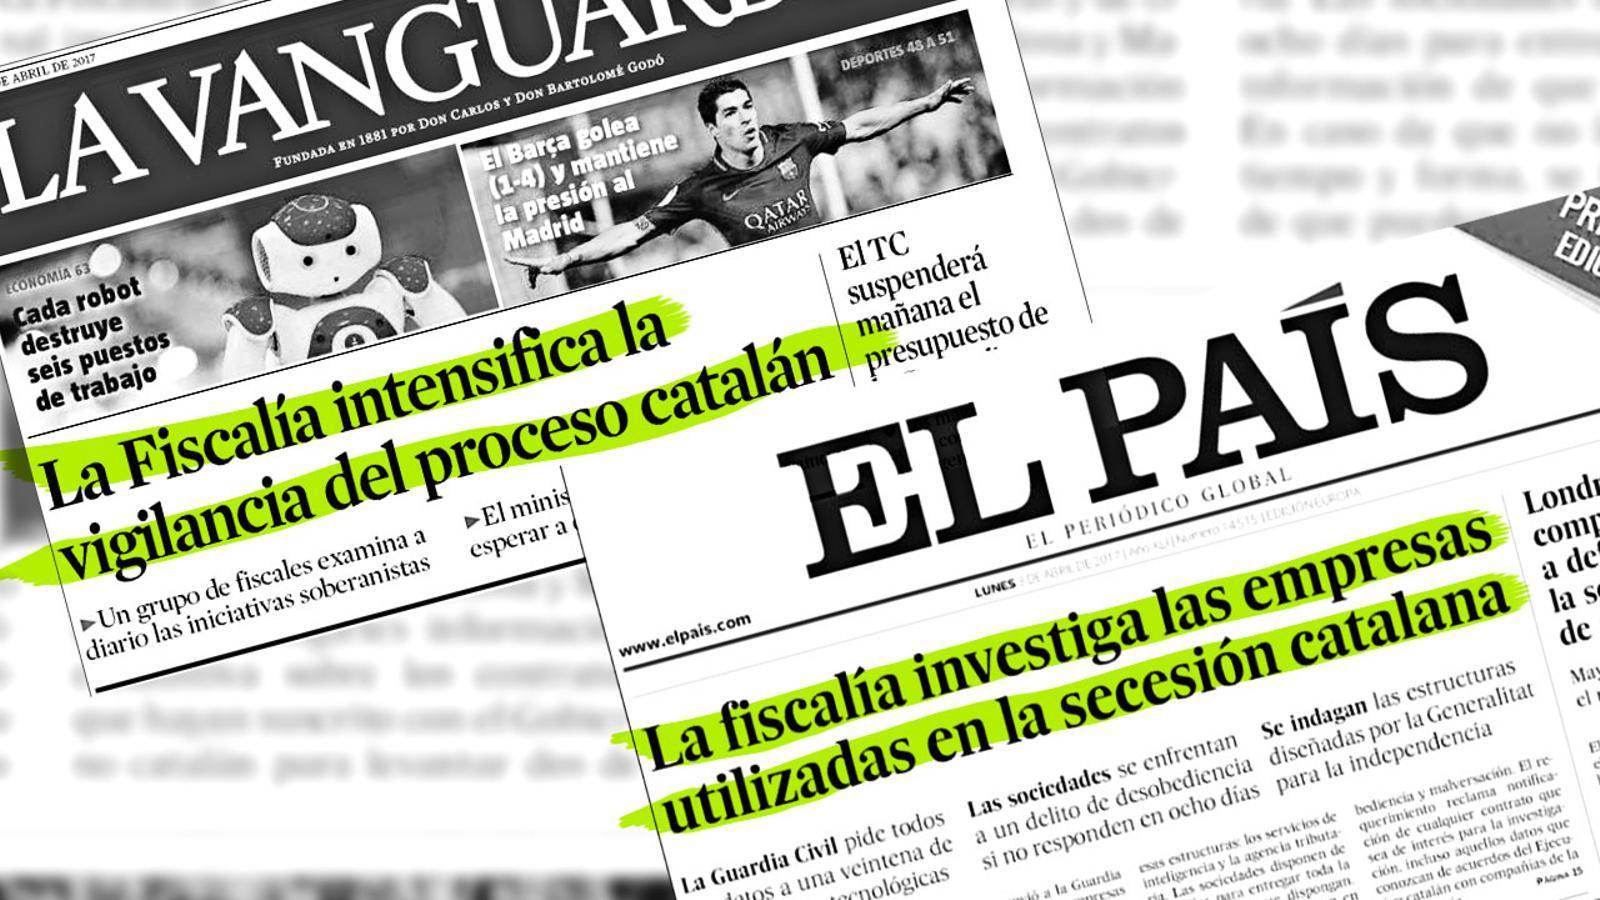 L'anàlisi d'Antoni Bassas: 'A Catalunya, la fiscalia'